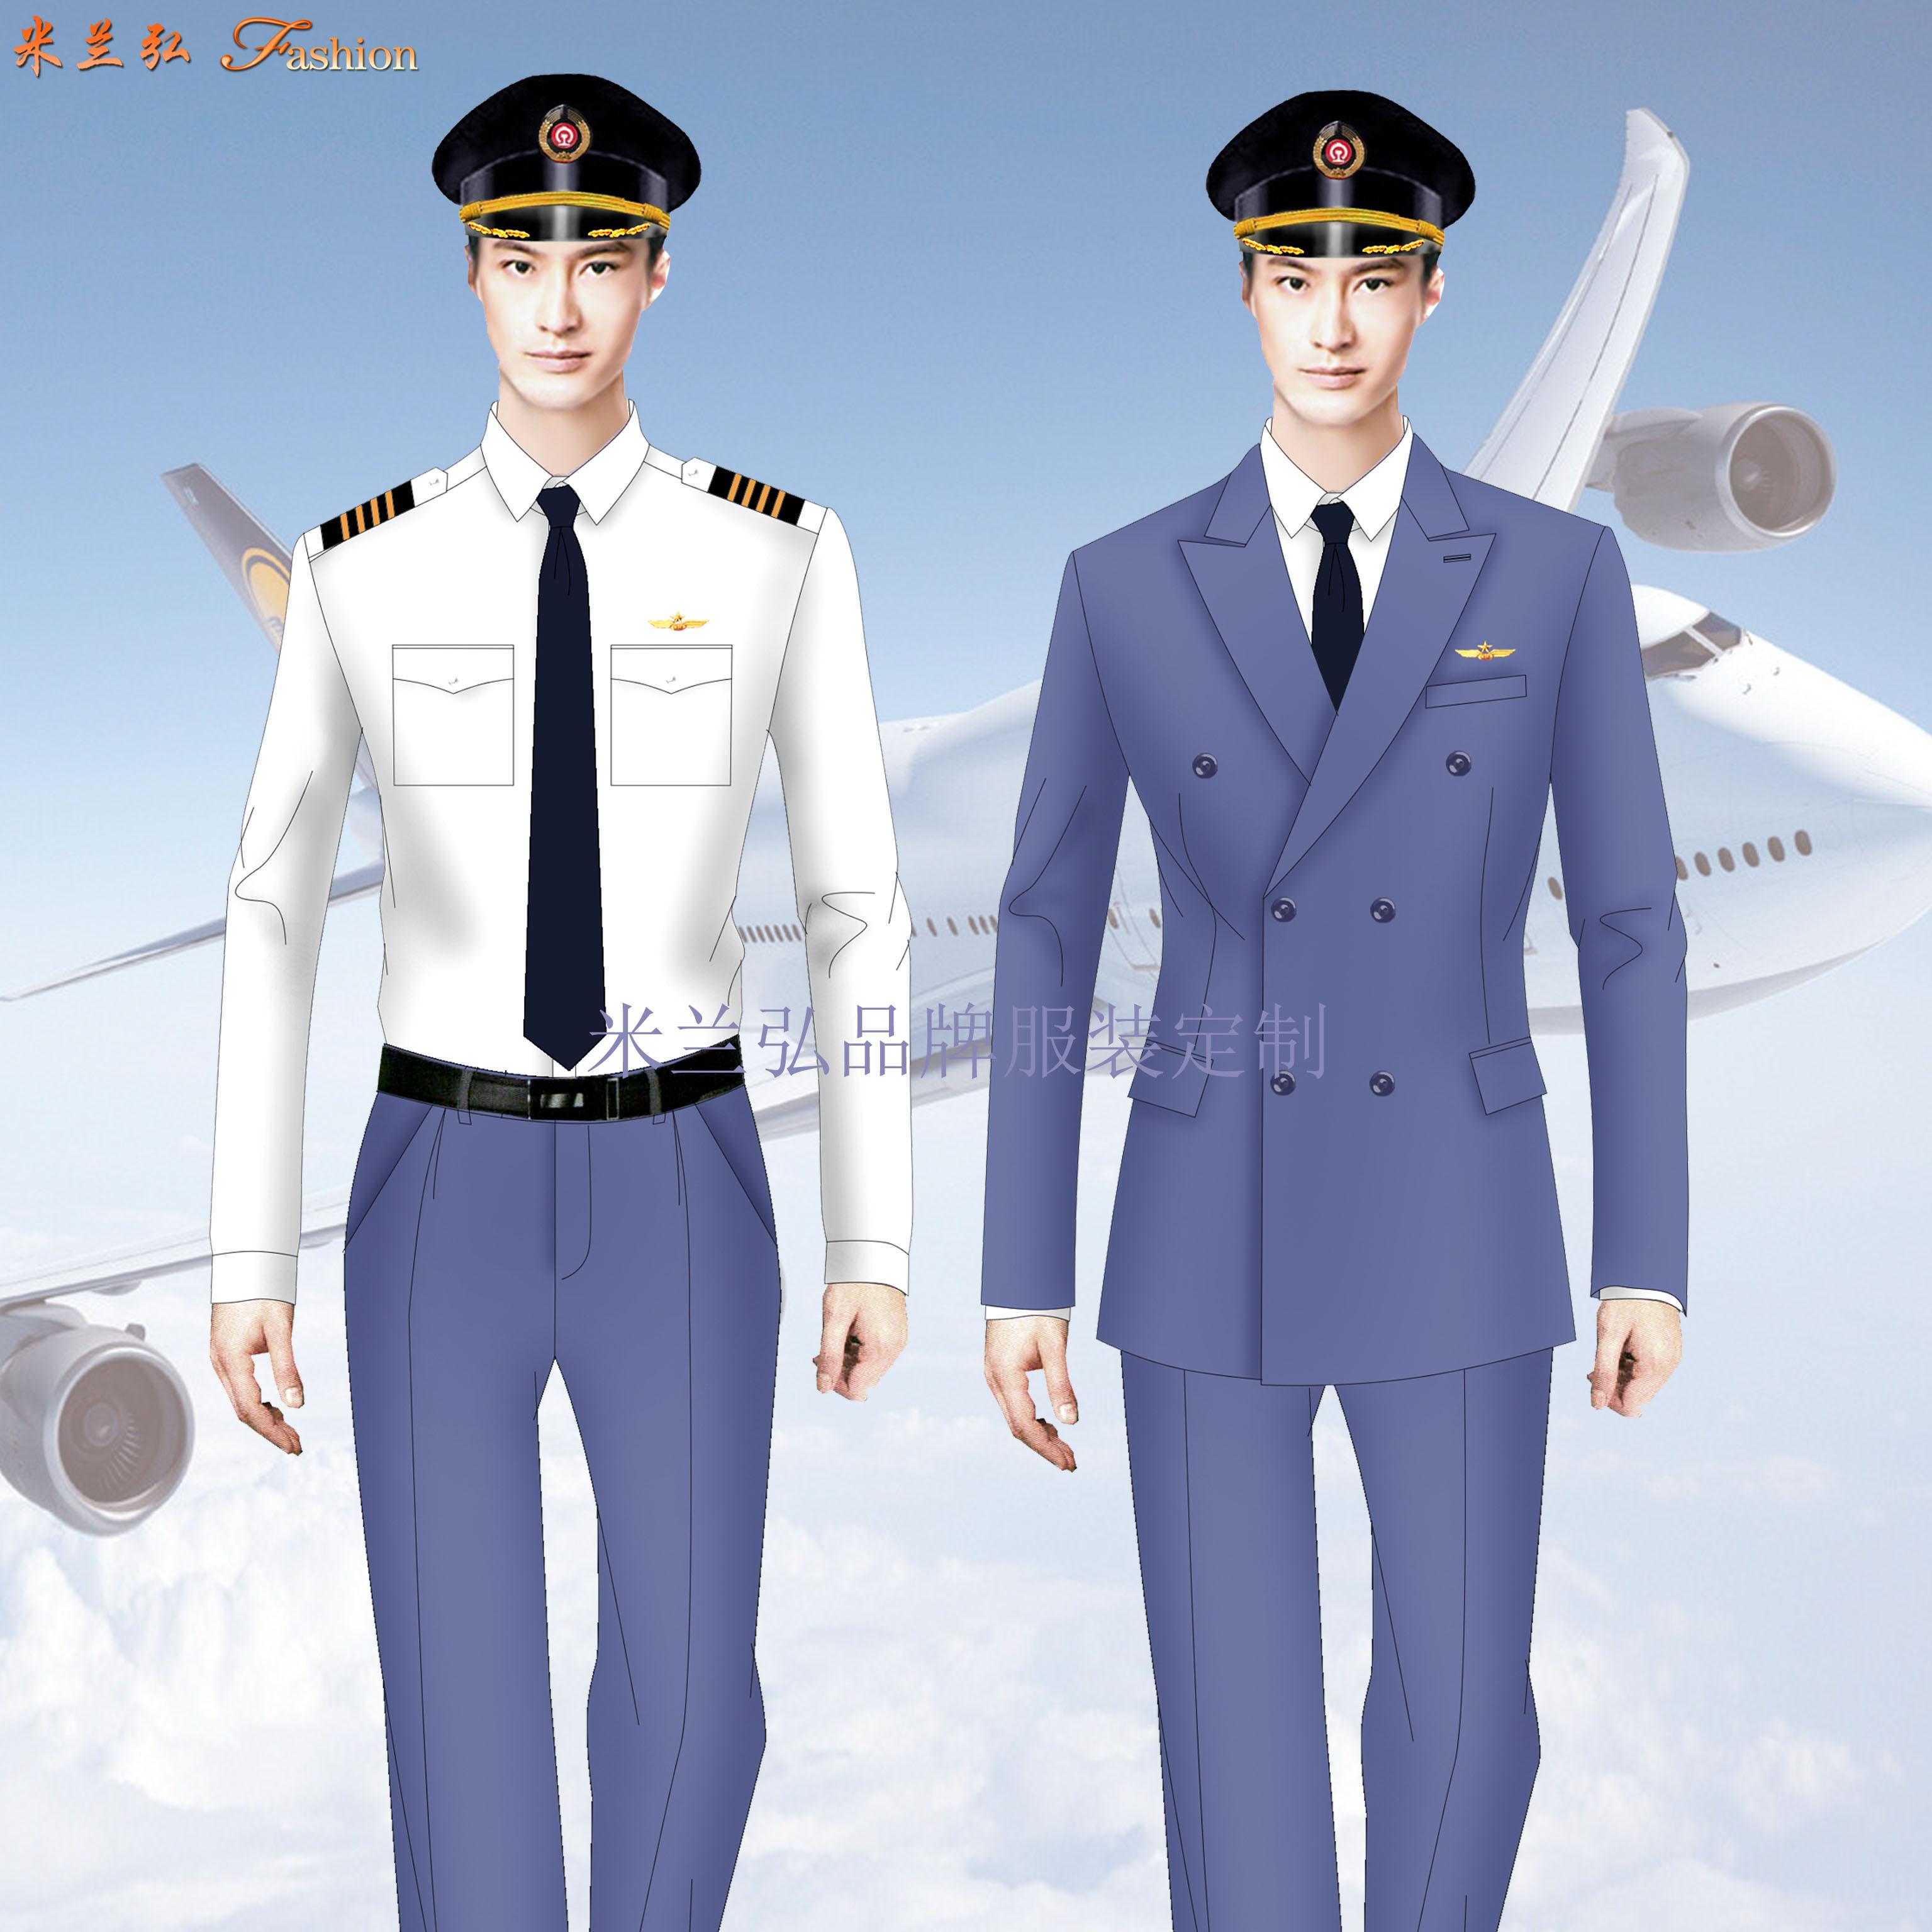 「中國機長」定做航空機長服裝_圖片_公司_價格-米蘭弘服裝-1